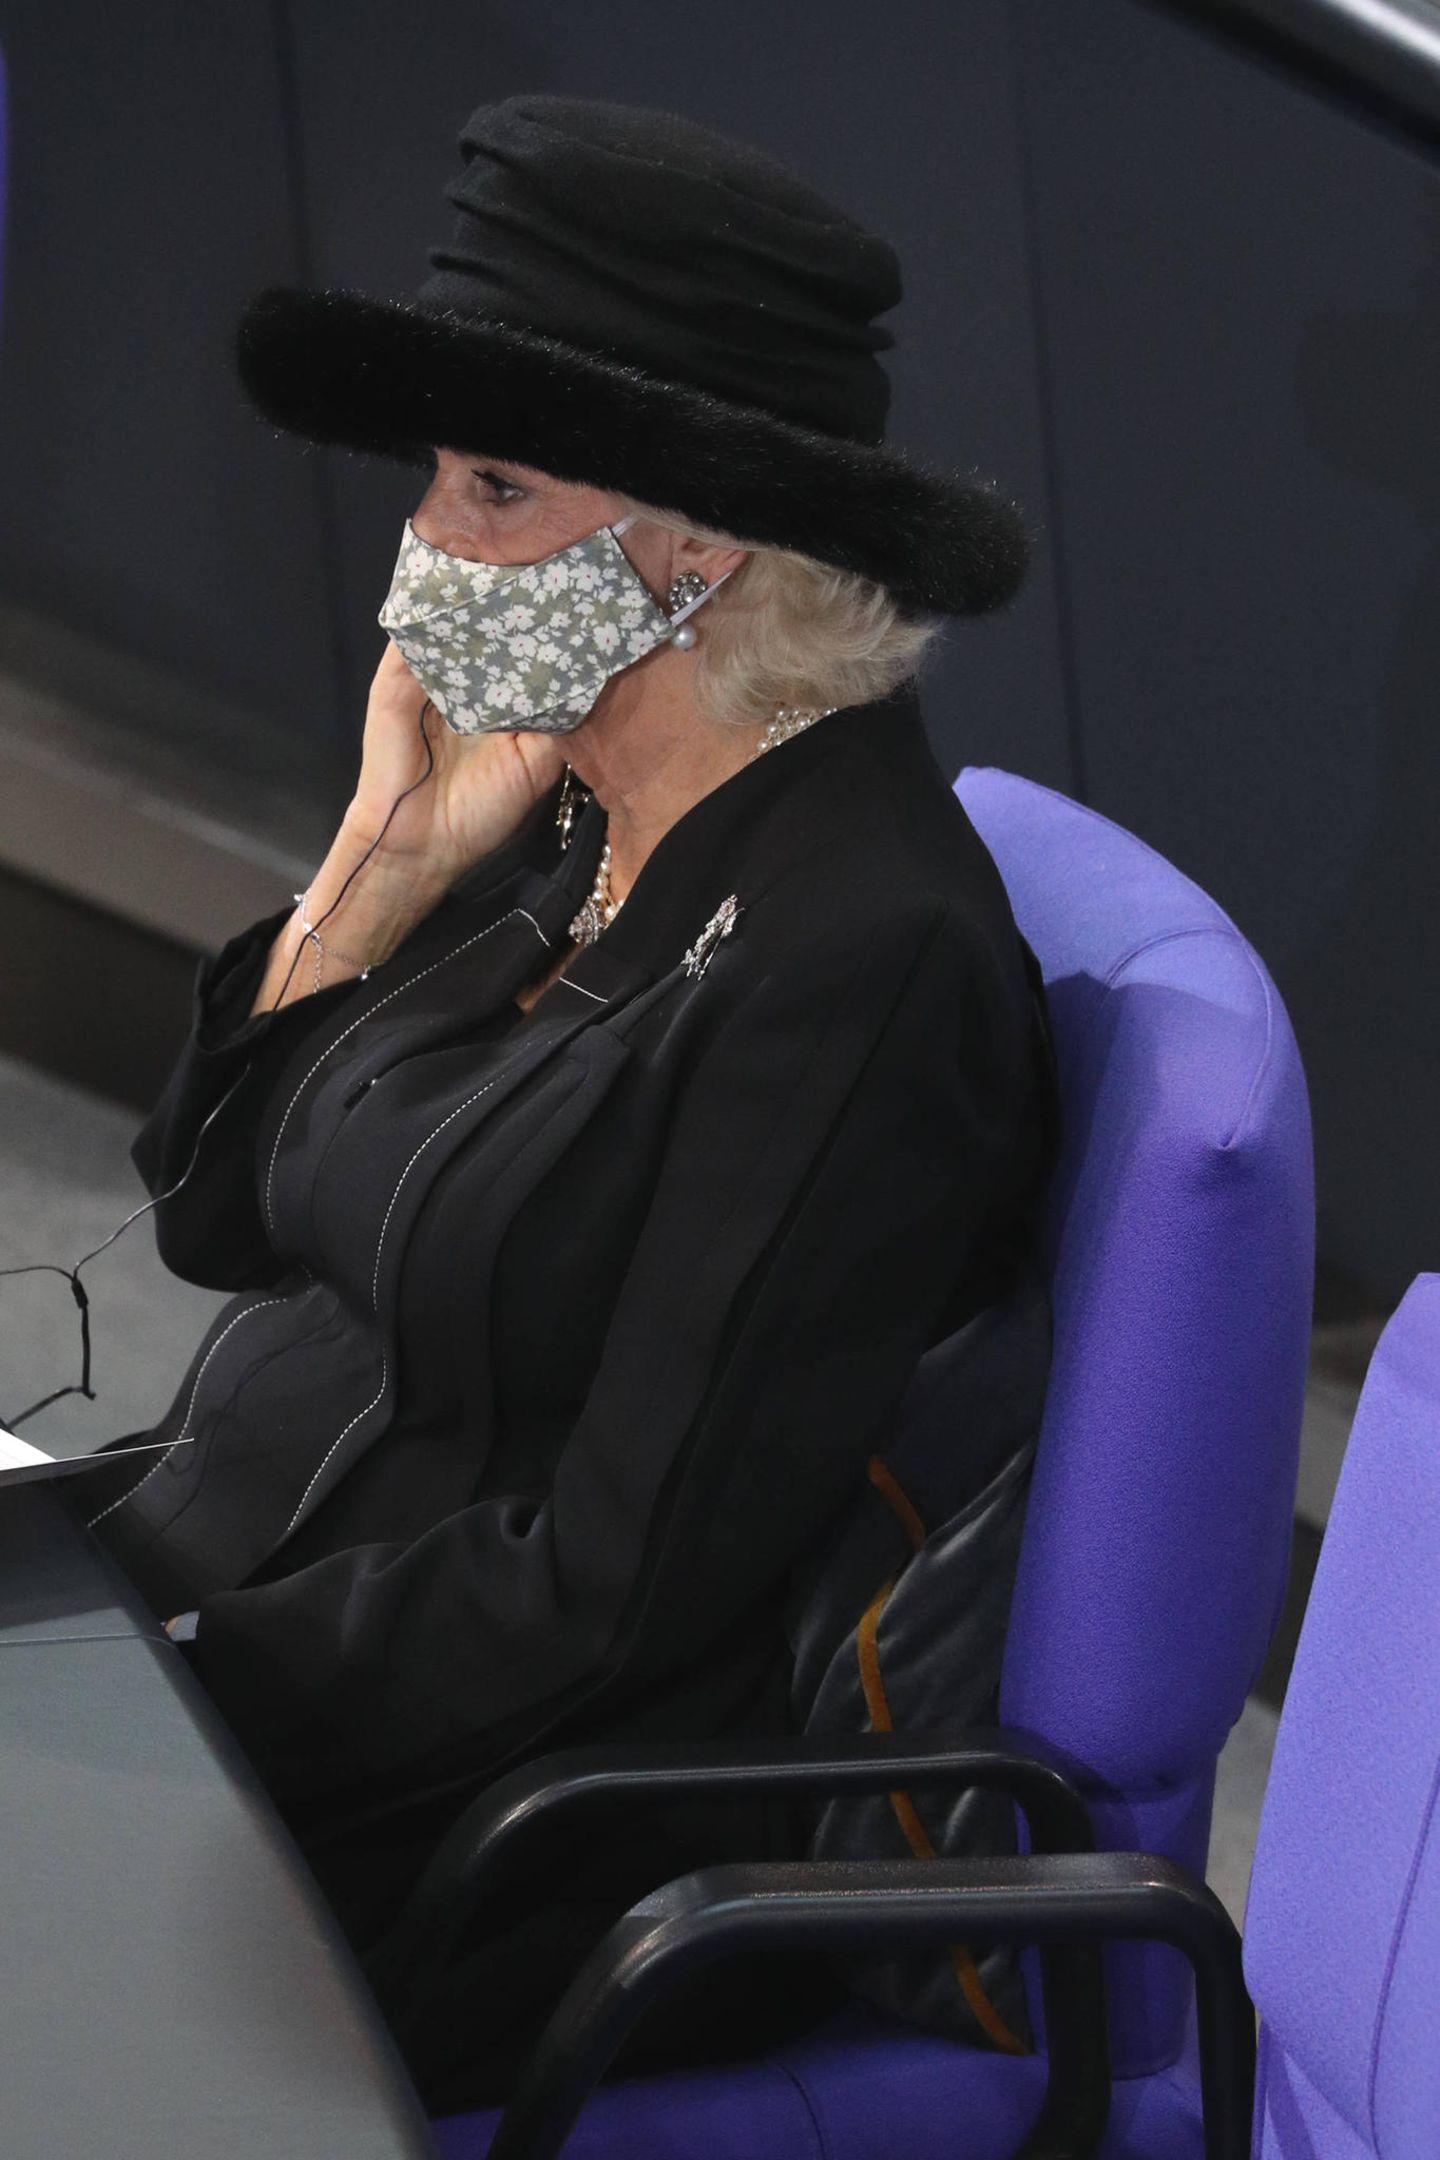 Unter den Zuhörern im Plenarsaal befindet sich auchHerzogin Camilla, die mit Hut und Maske interessiert den Worten ihres Gemahls lauscht.